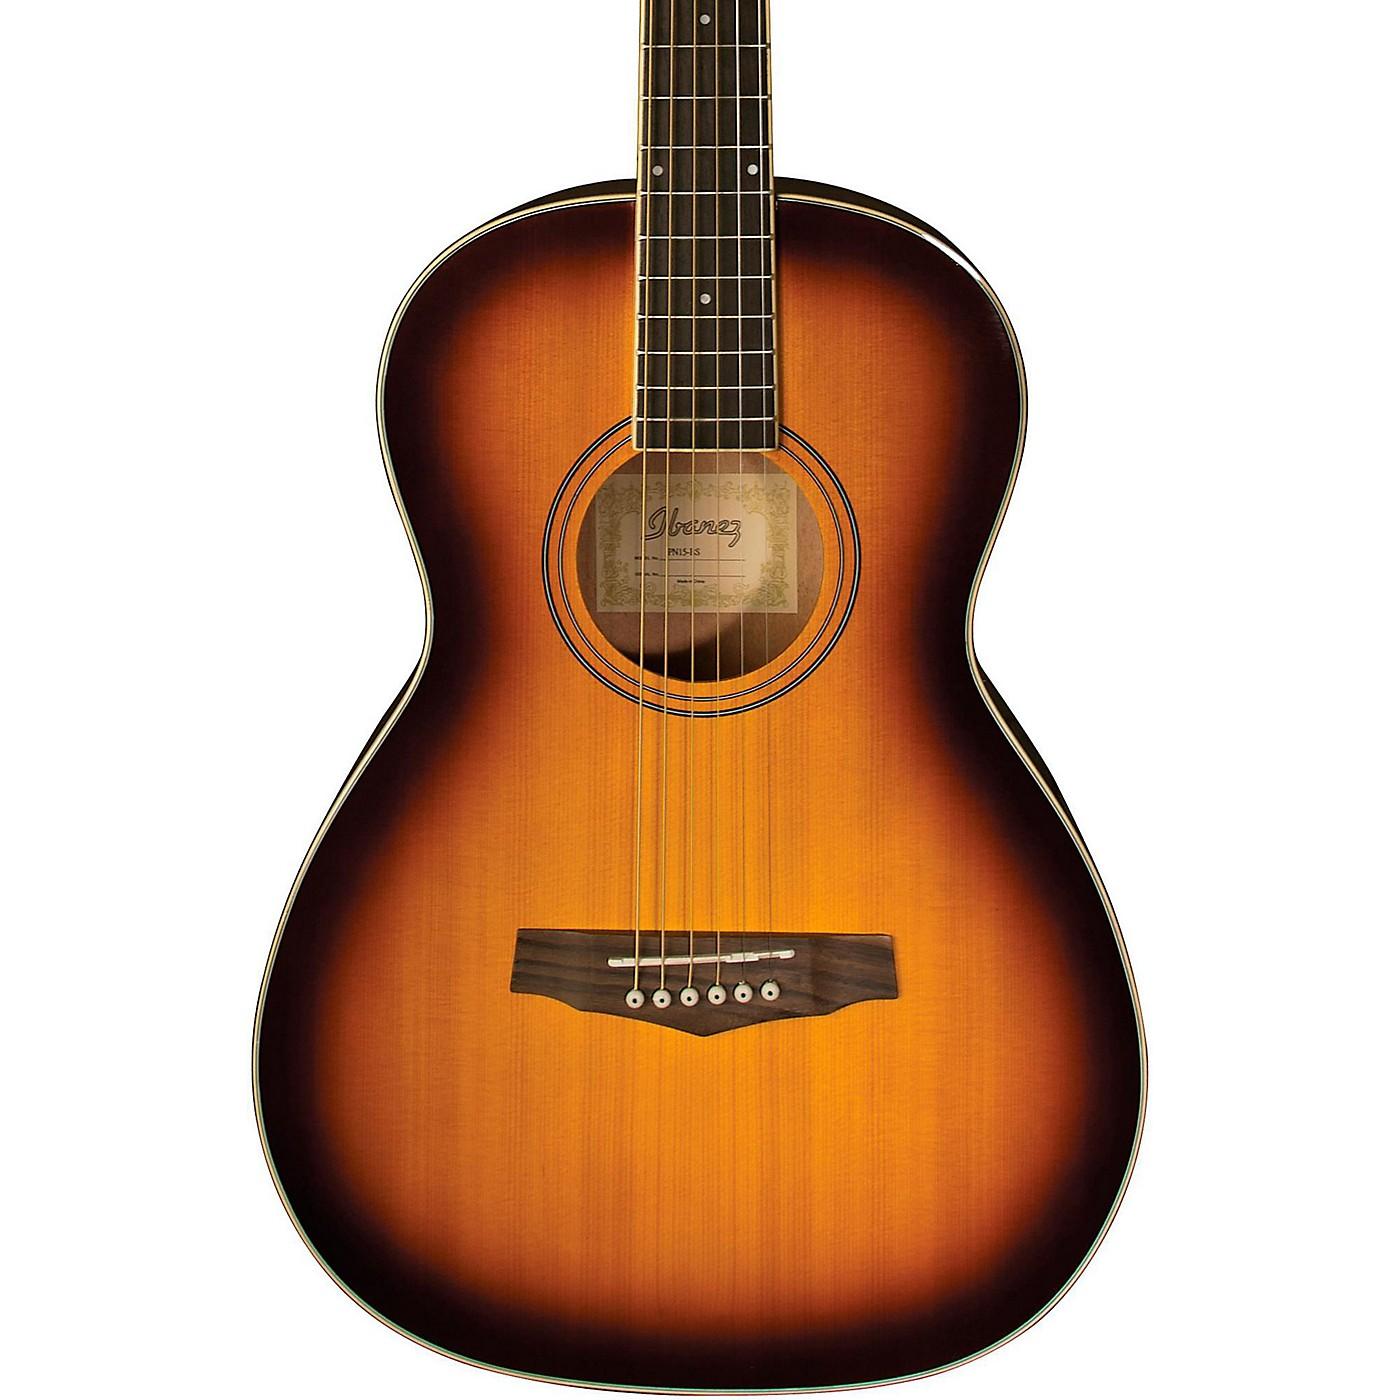 Ibanez PN15 Parlor Size Acoustic Guitar thumbnail